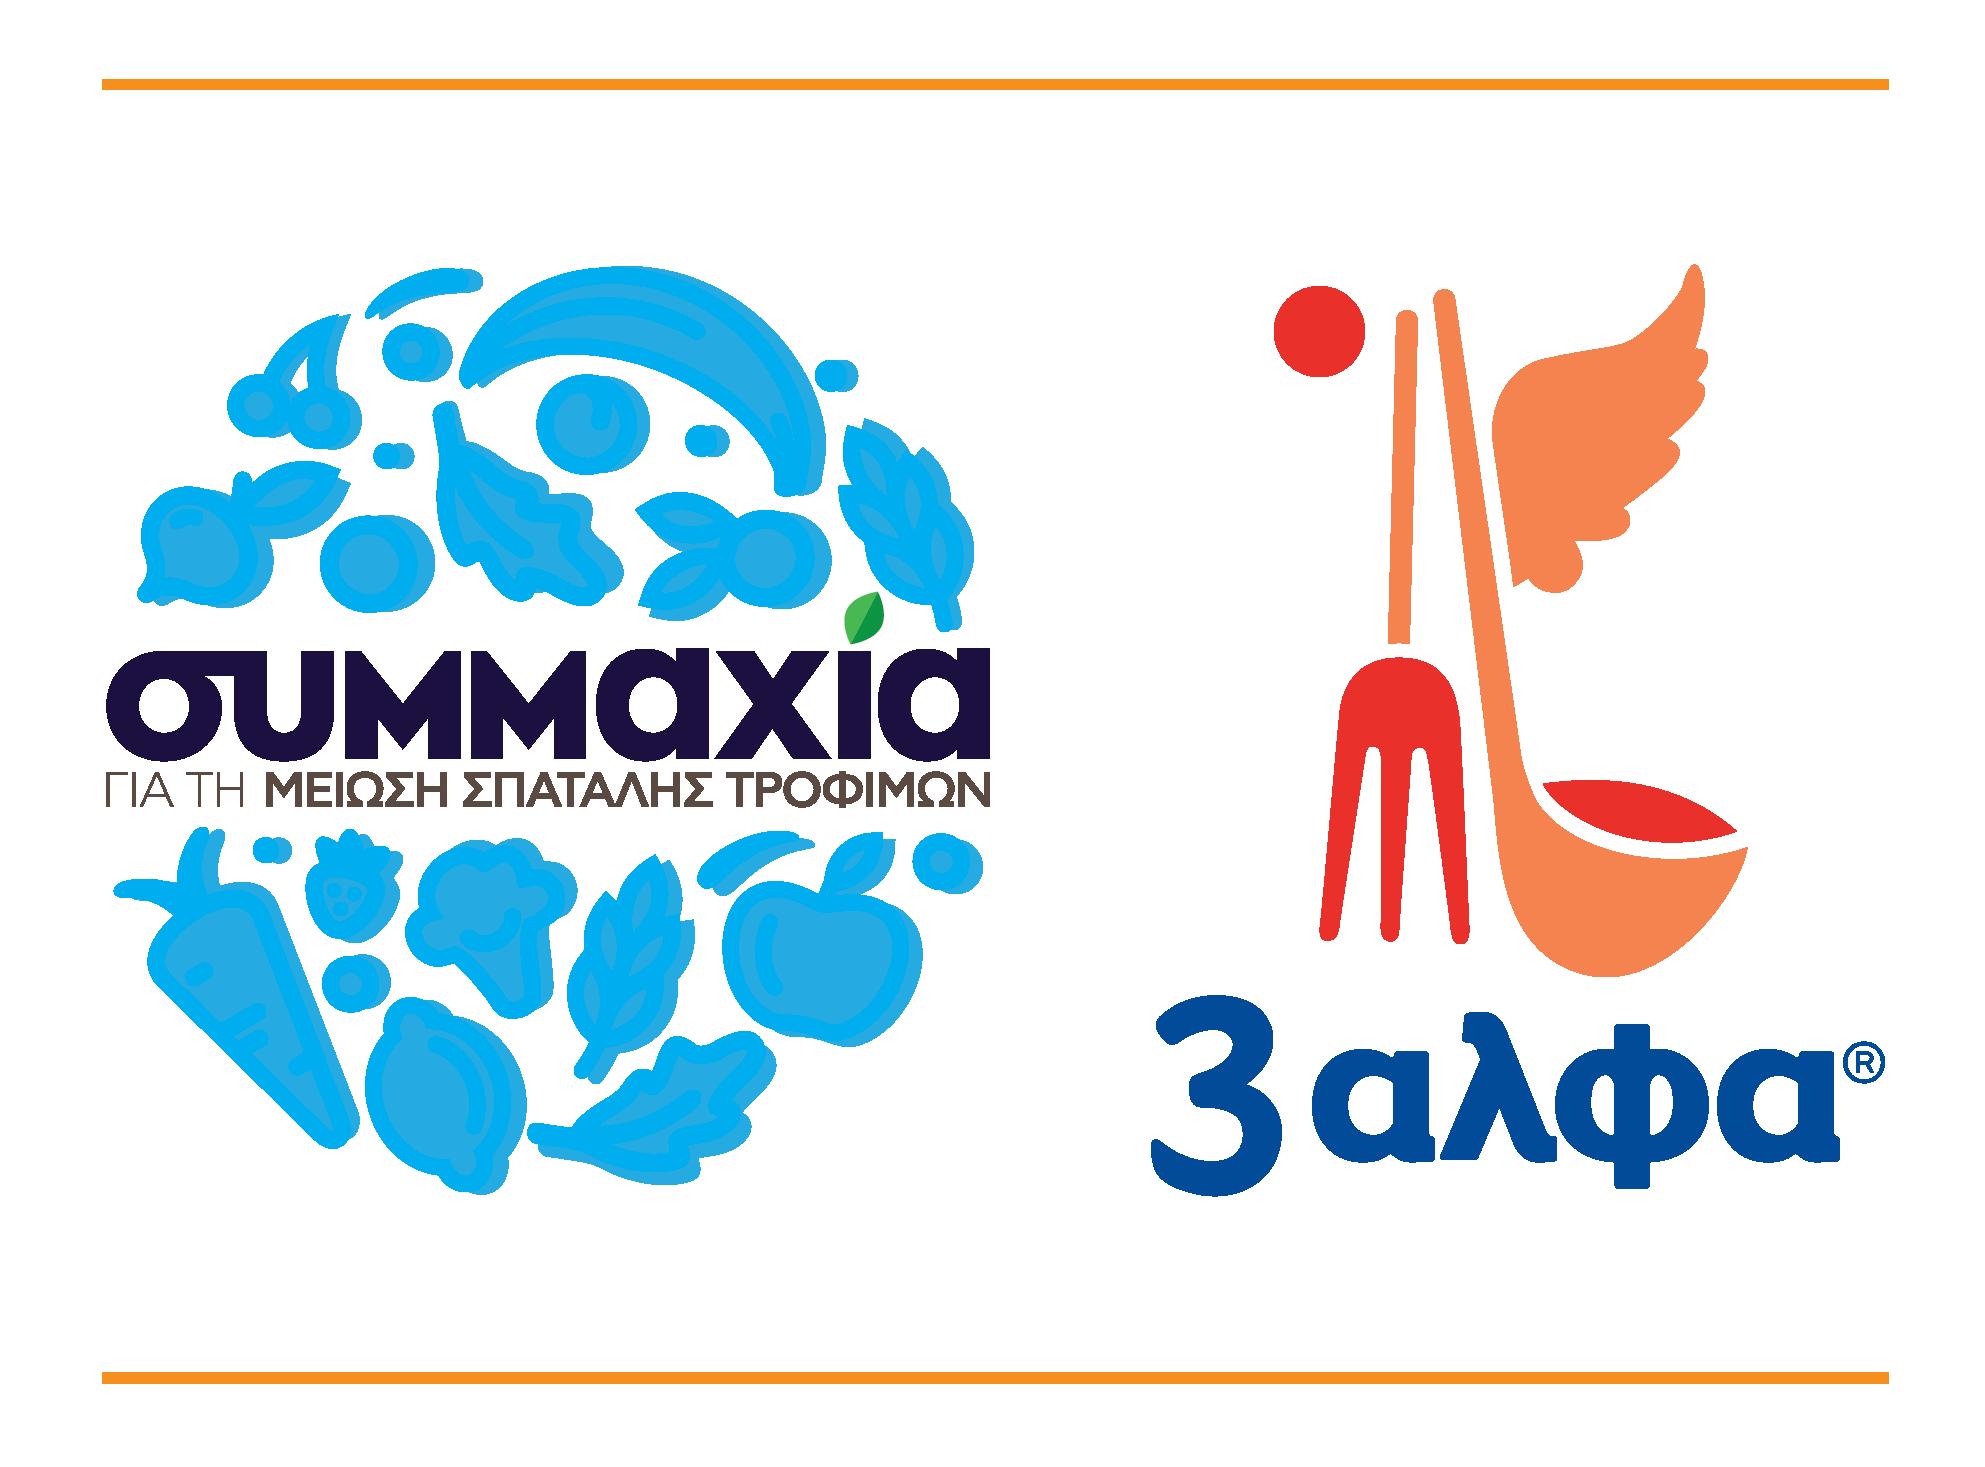 Η 3αλφα συμμετέχει στη «Συμμαχία για τη Μείωση της Σπατάλης Τροφίμων» στην Ελλάδα